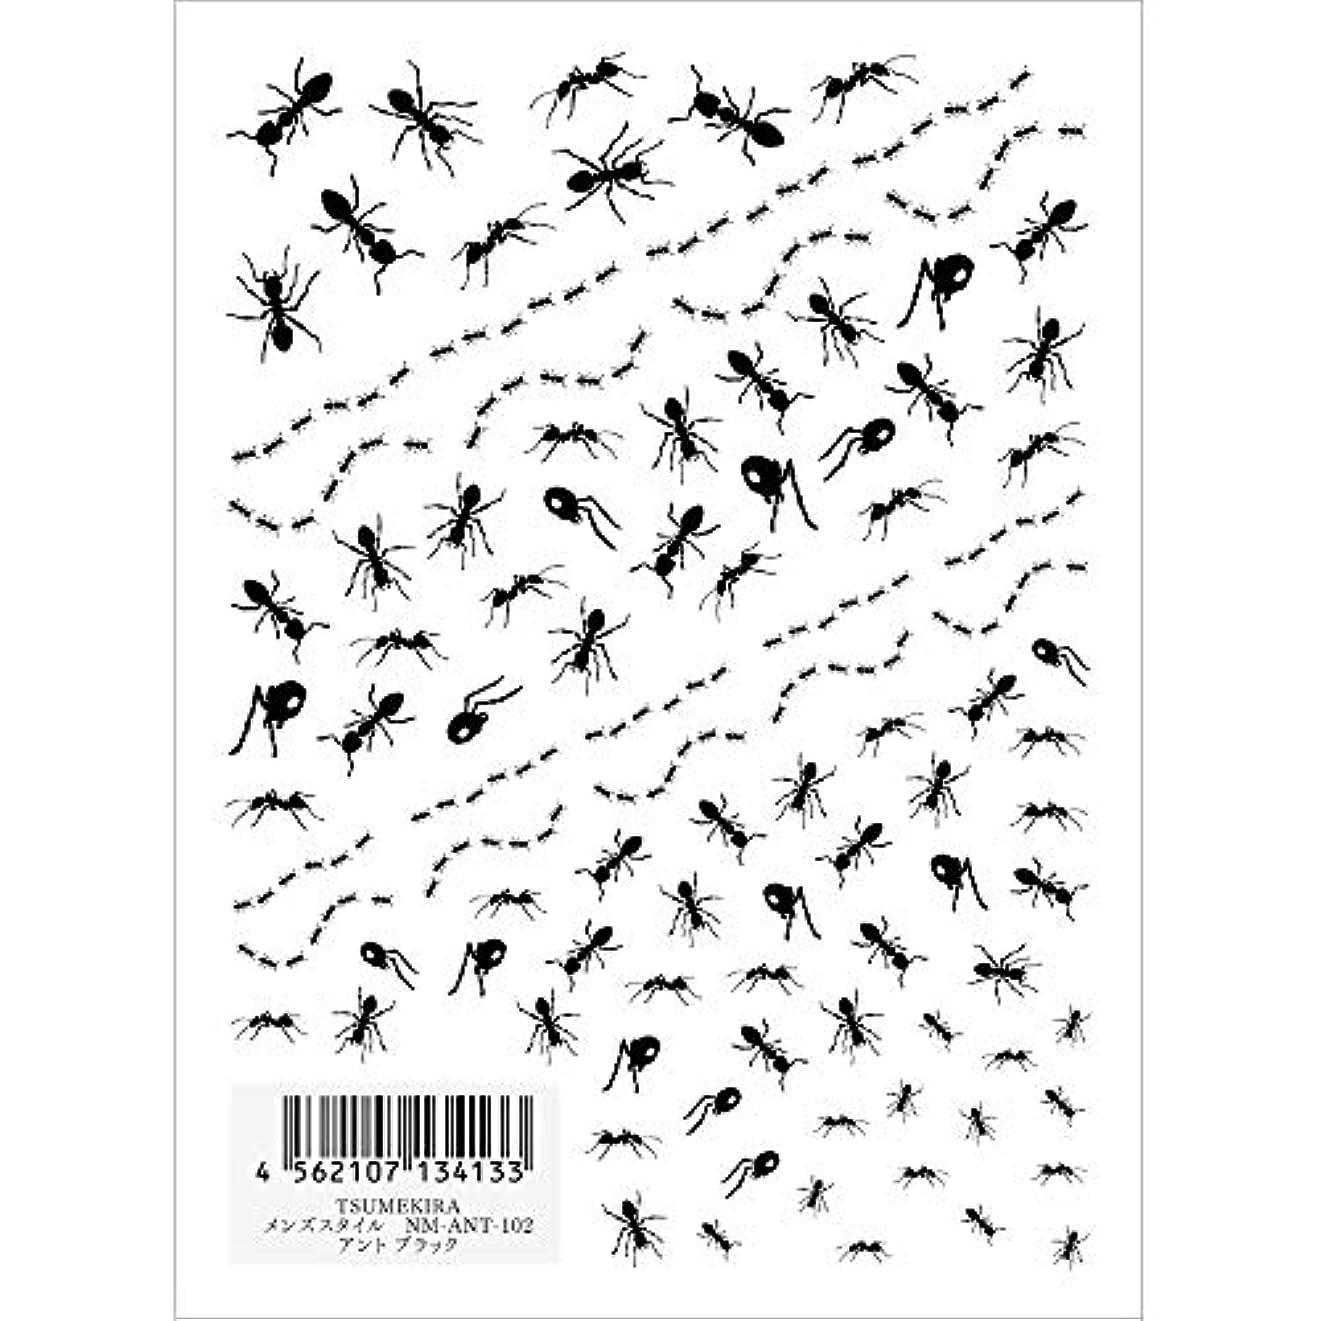 むさぼり食う日記似ているツメキラ ネイル用シール メンズスタイル アント ブラック